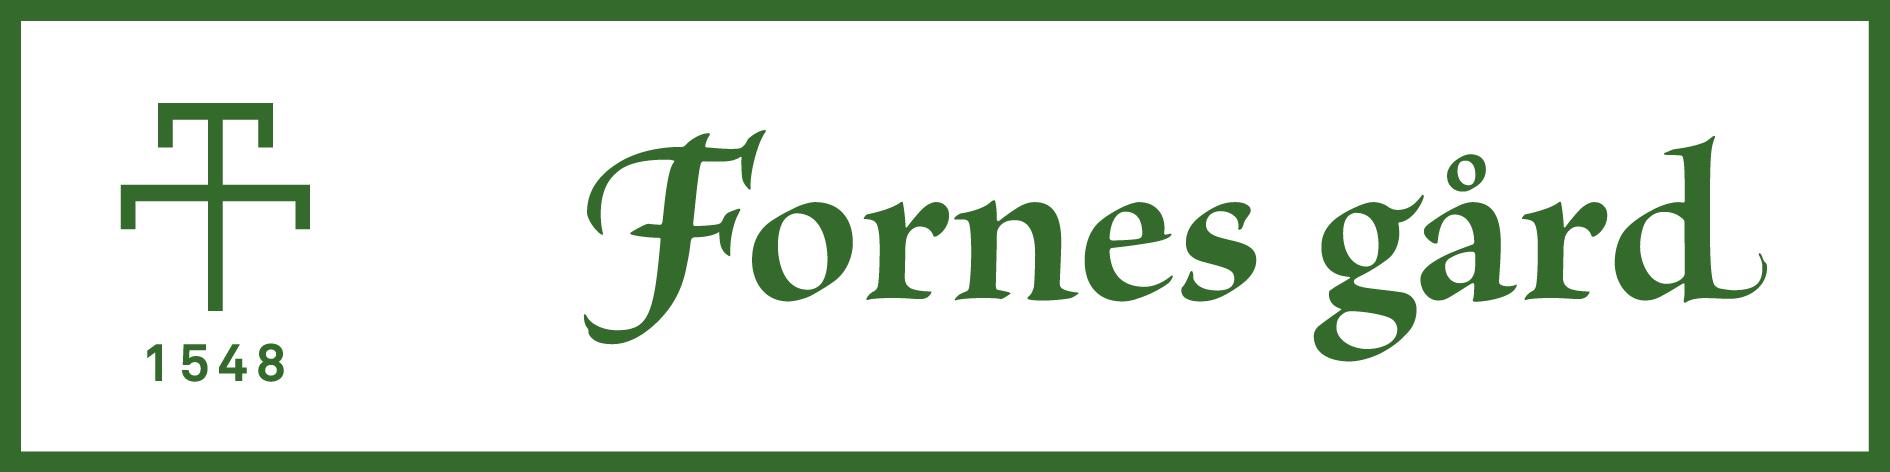 Fornes gård logo avlang rammer-07.png